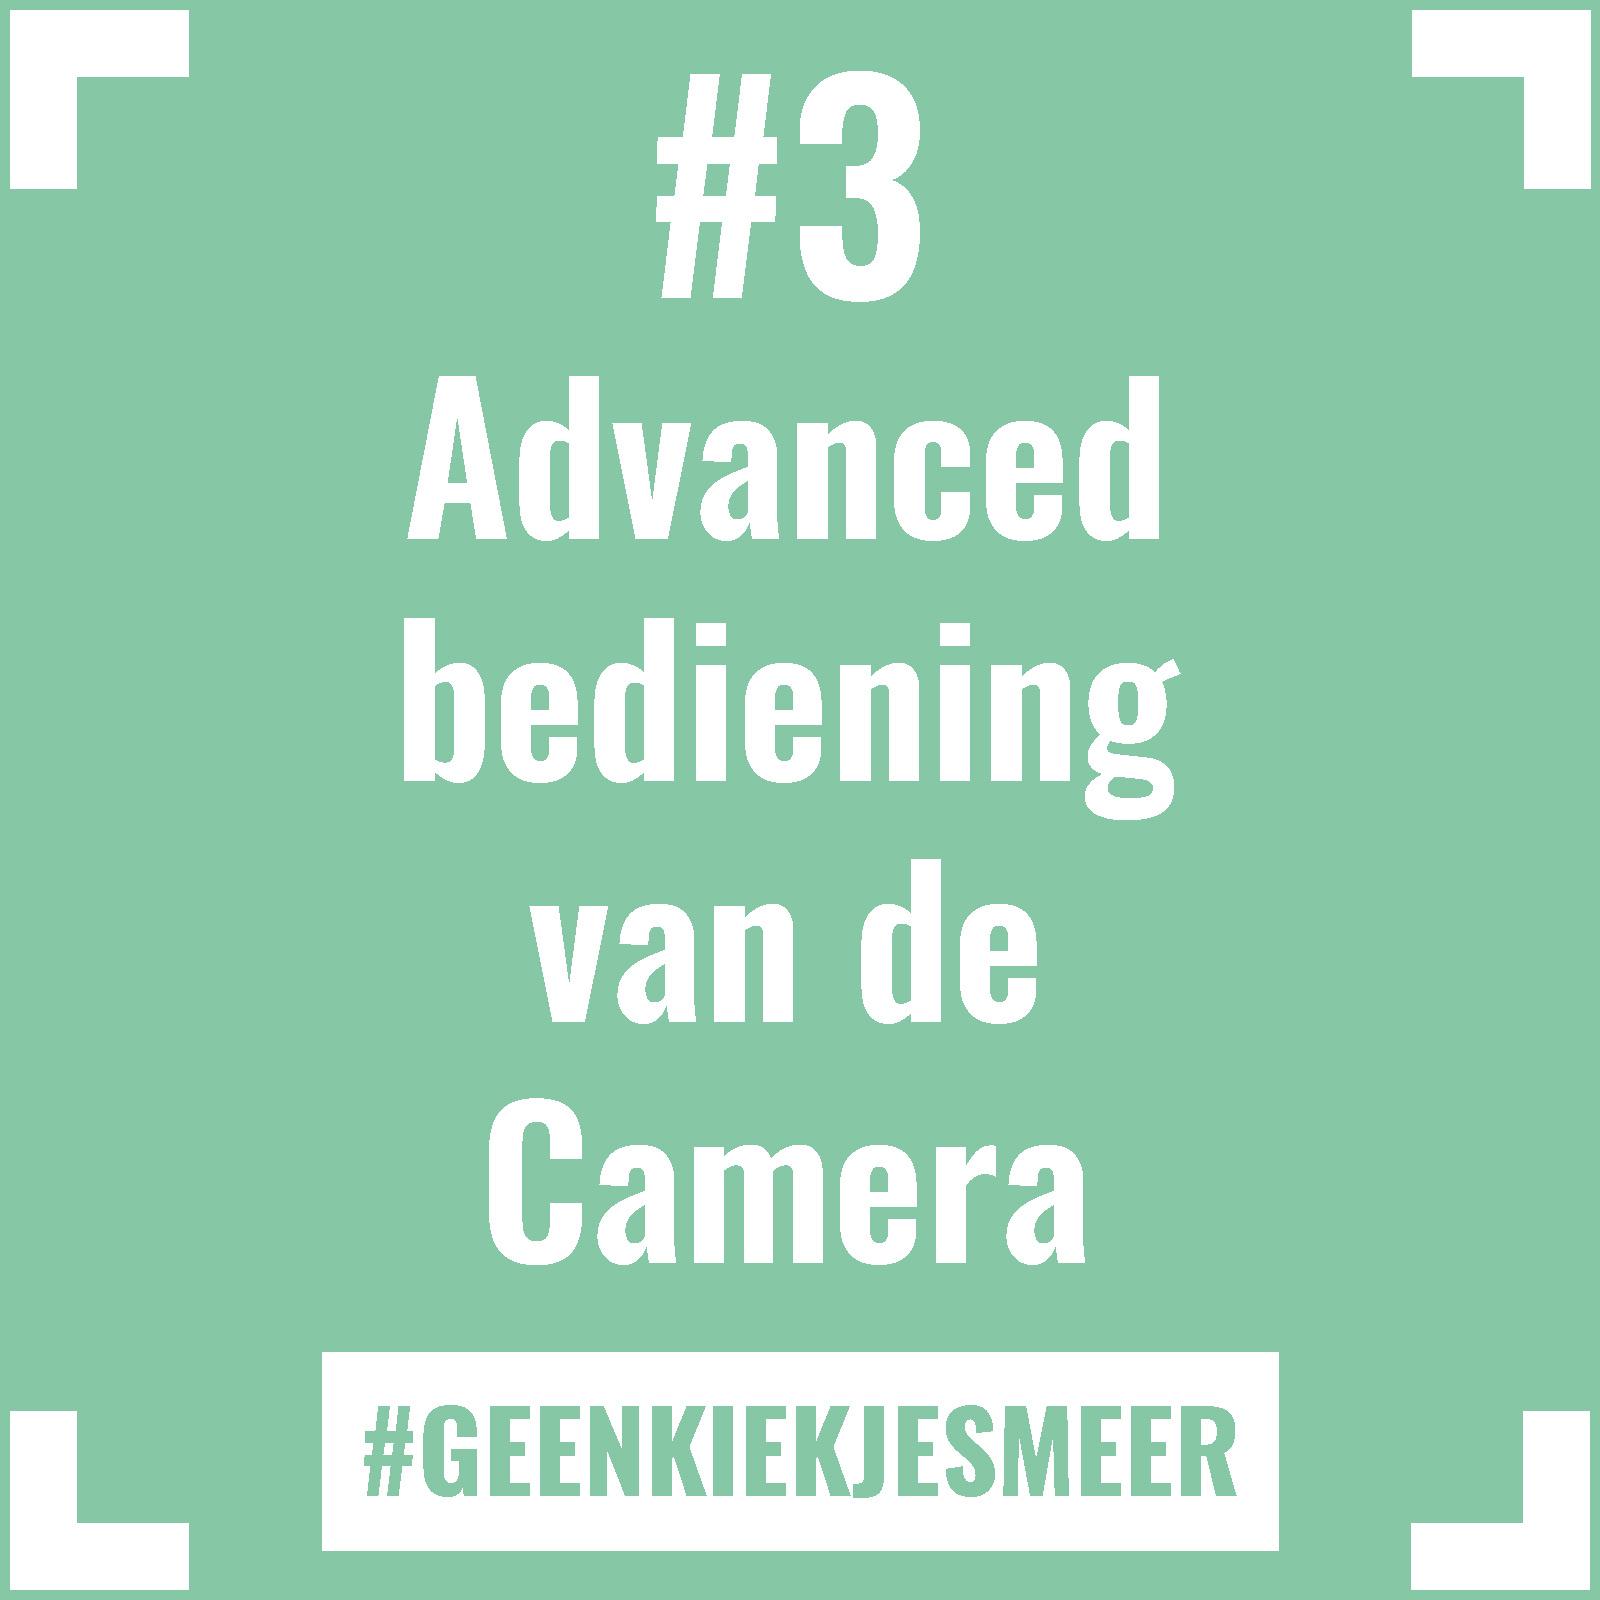 Tegeltje met de tekst #3 Advanced bediening van de Camera